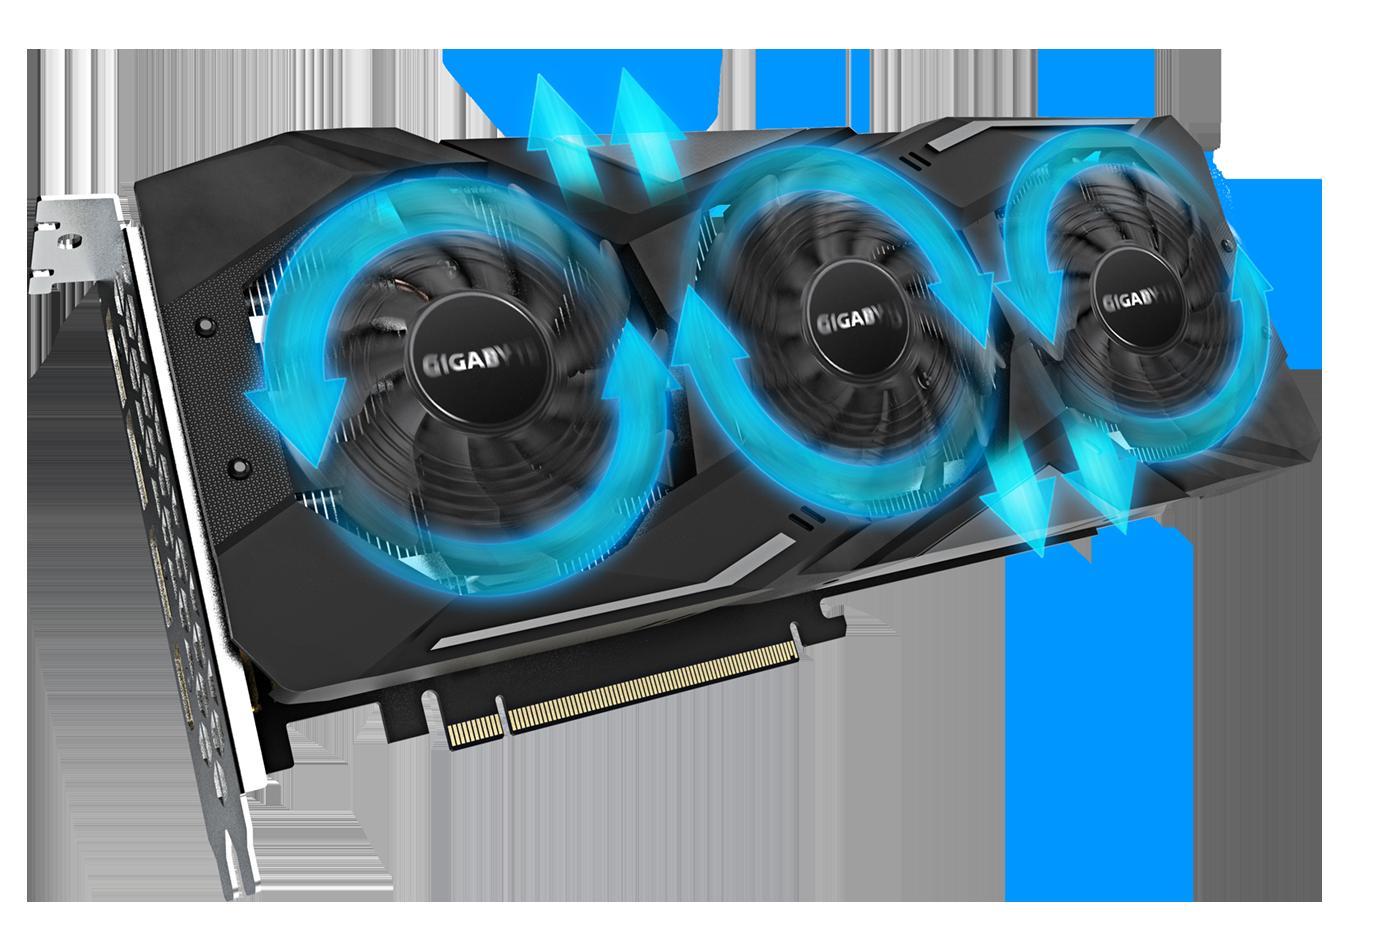 Gigabyte presenta su gama Radeon RX 5700 OC y RX 5700 XT OC